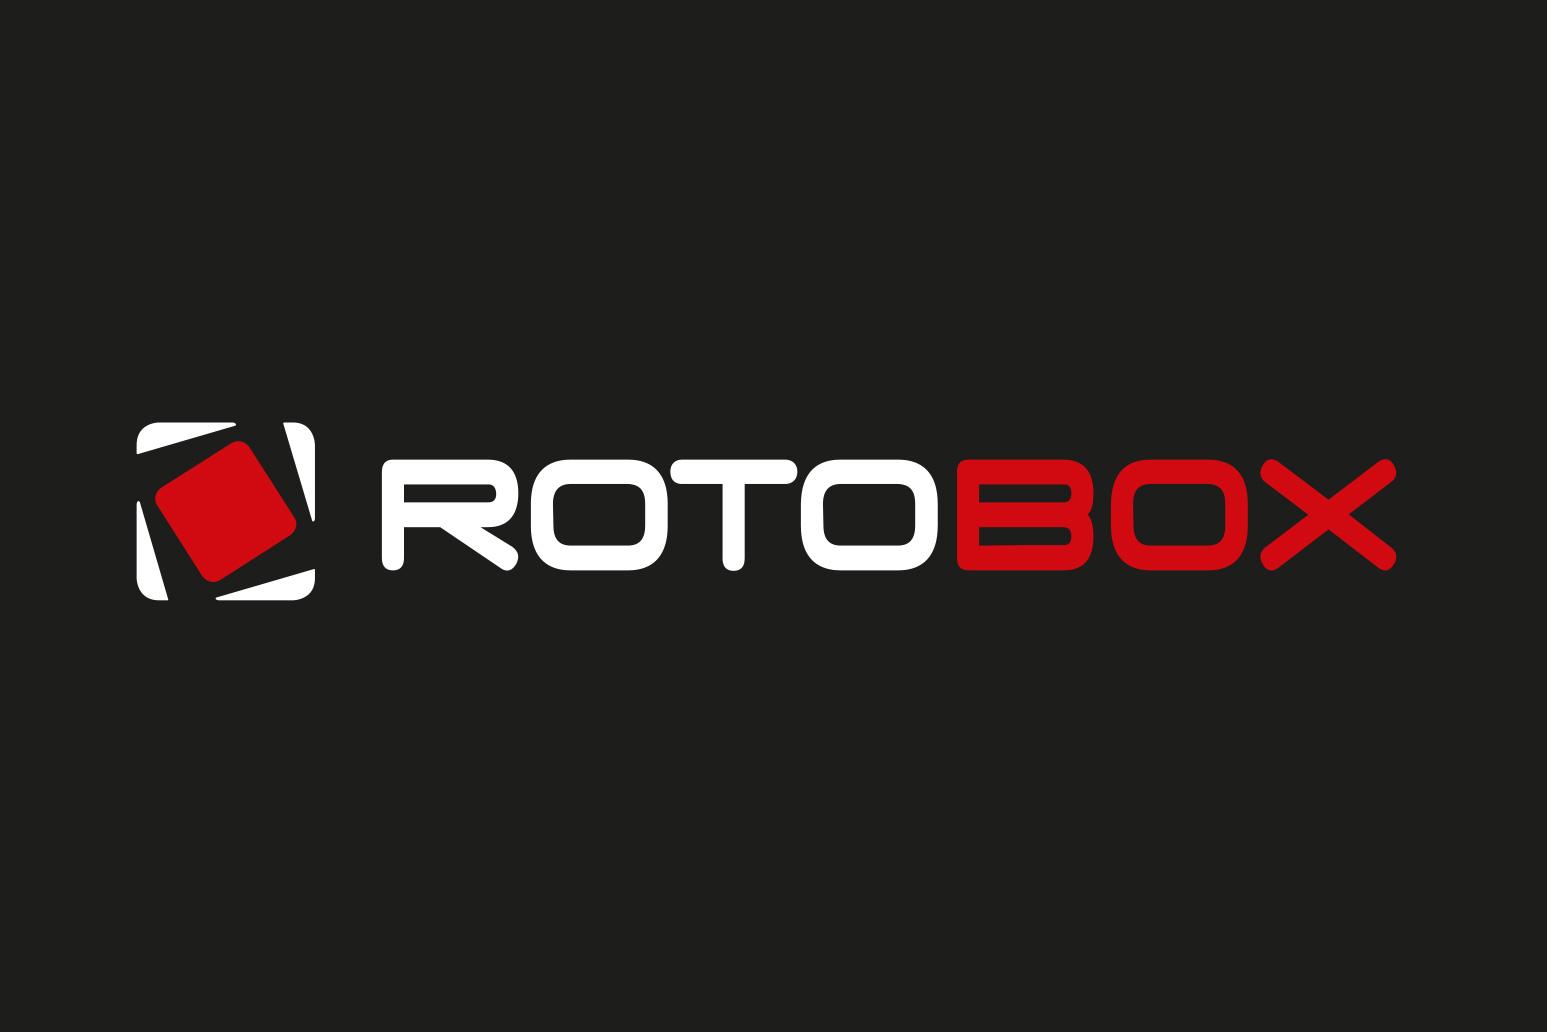 merkepres-rotobox.jpg